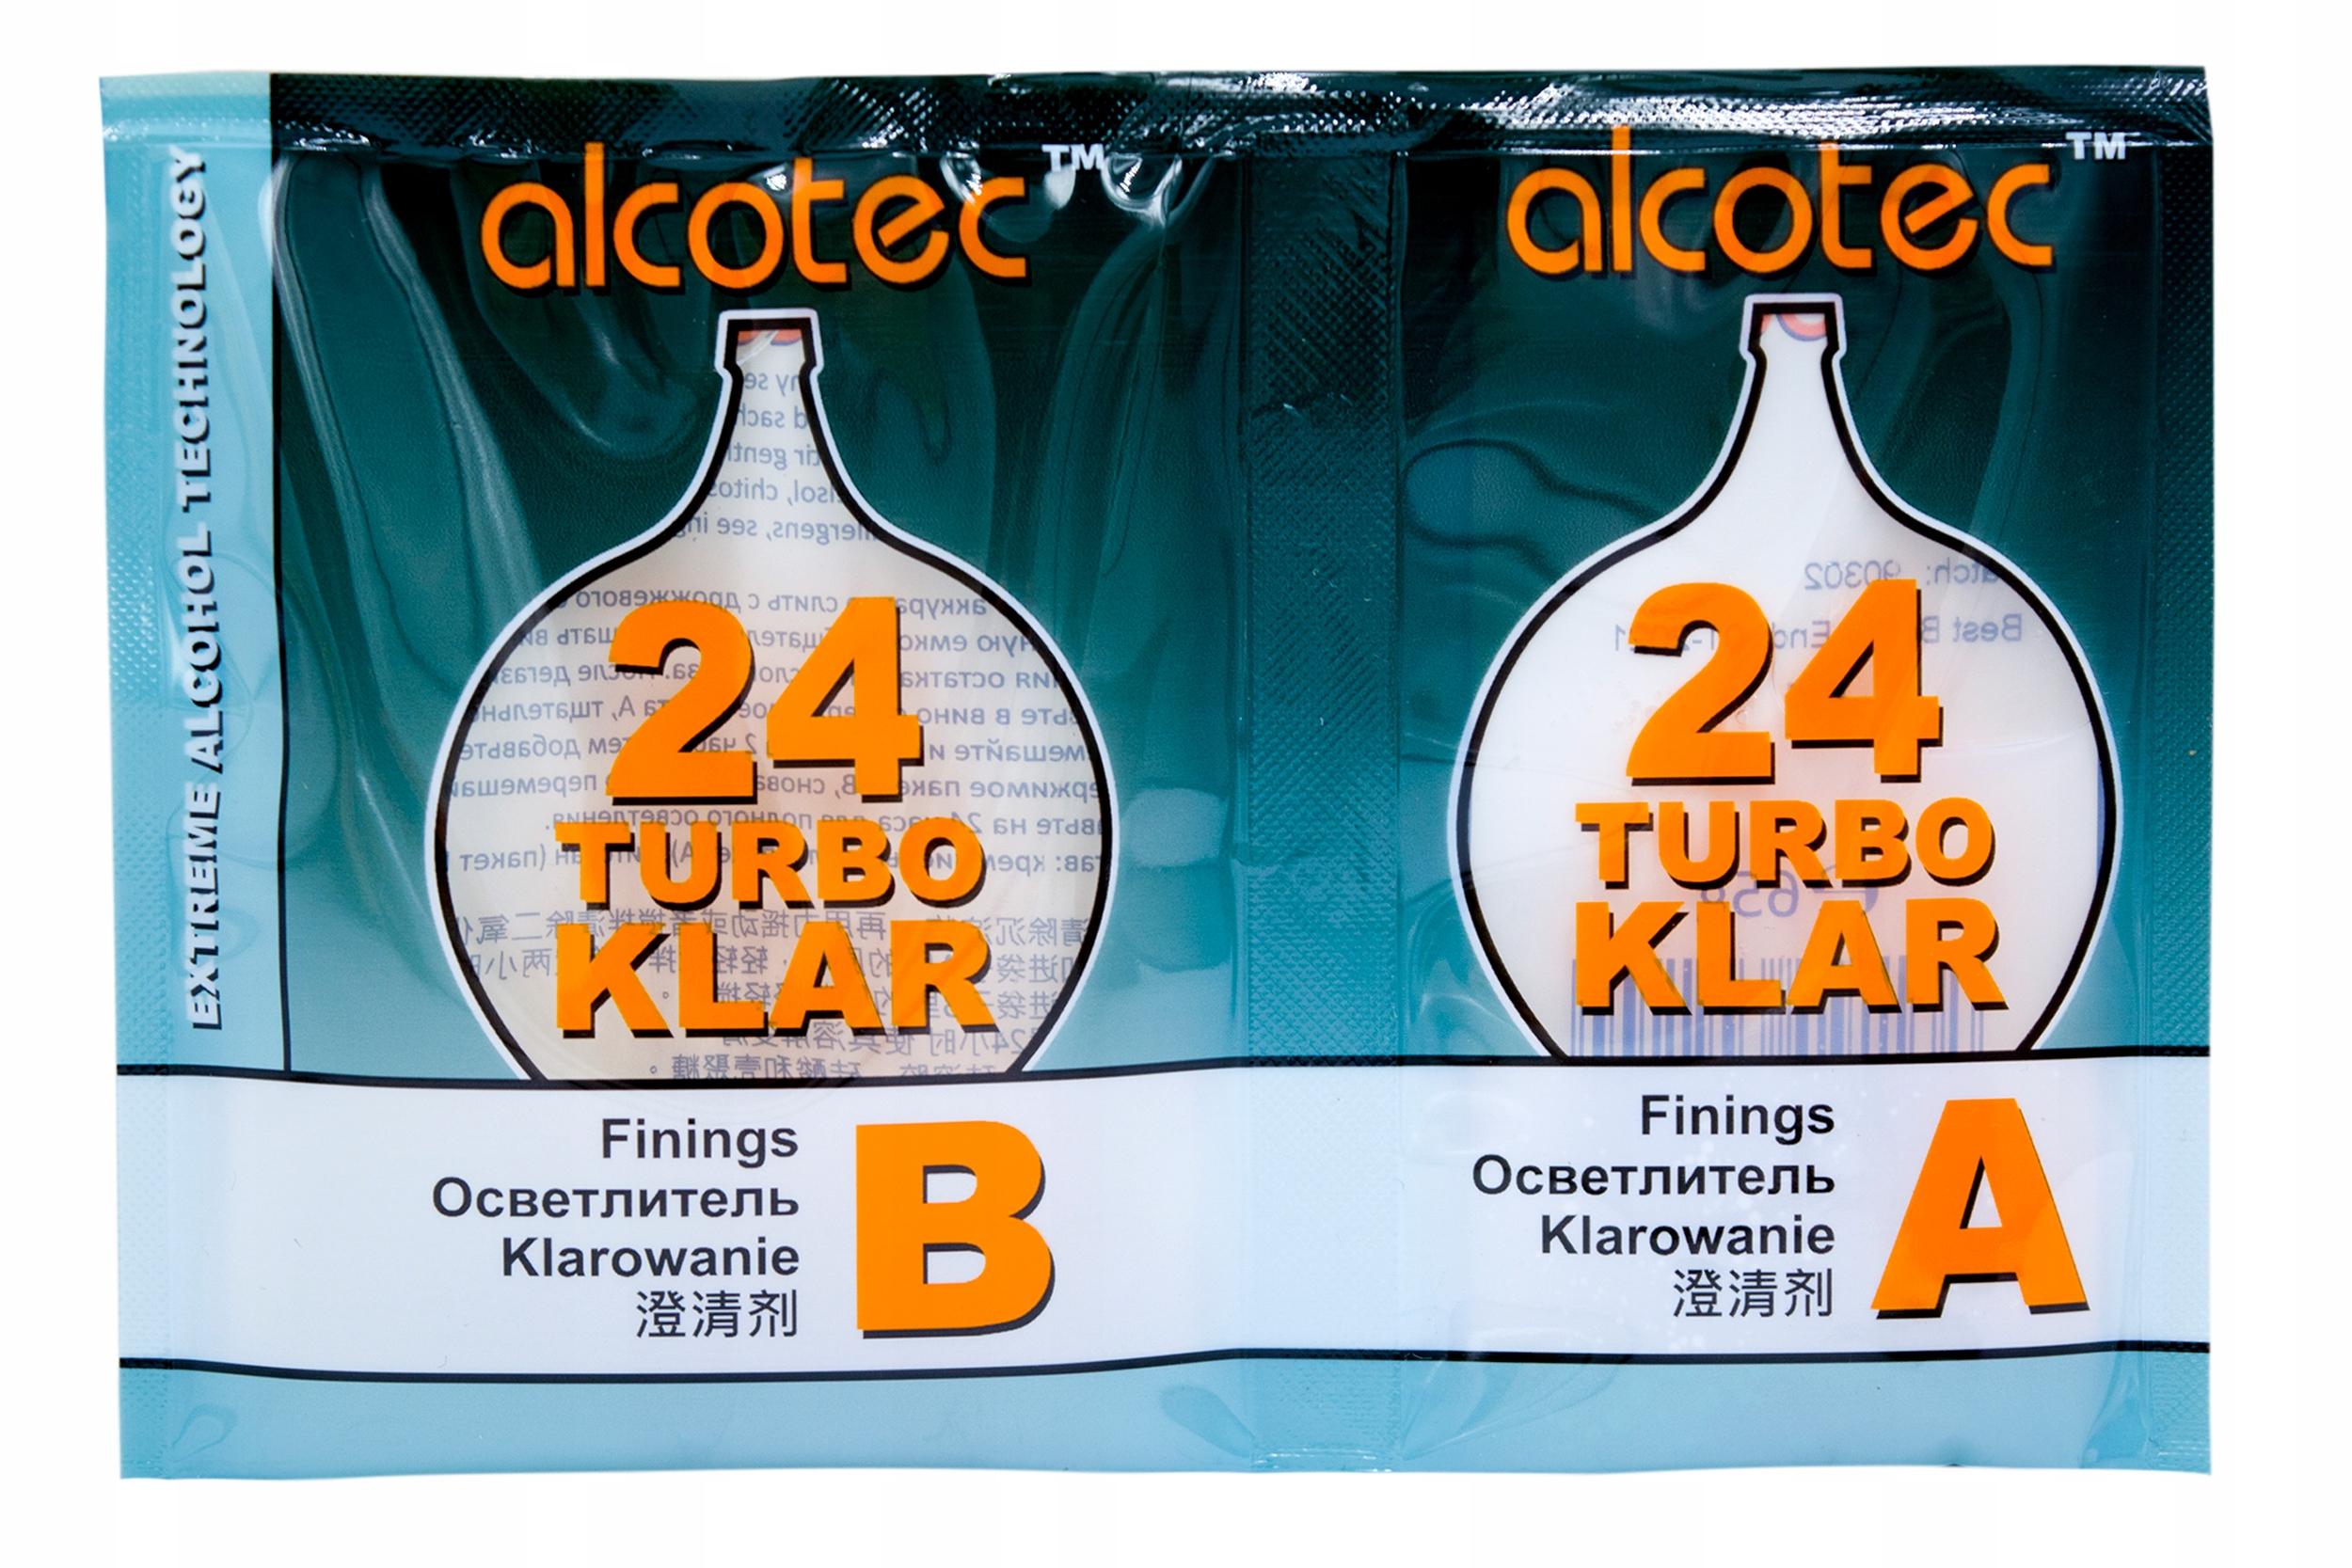 ALCOTEC TURBO KLAR 24H SET ВИНО ИЗ ДРОЖЖЕЙ